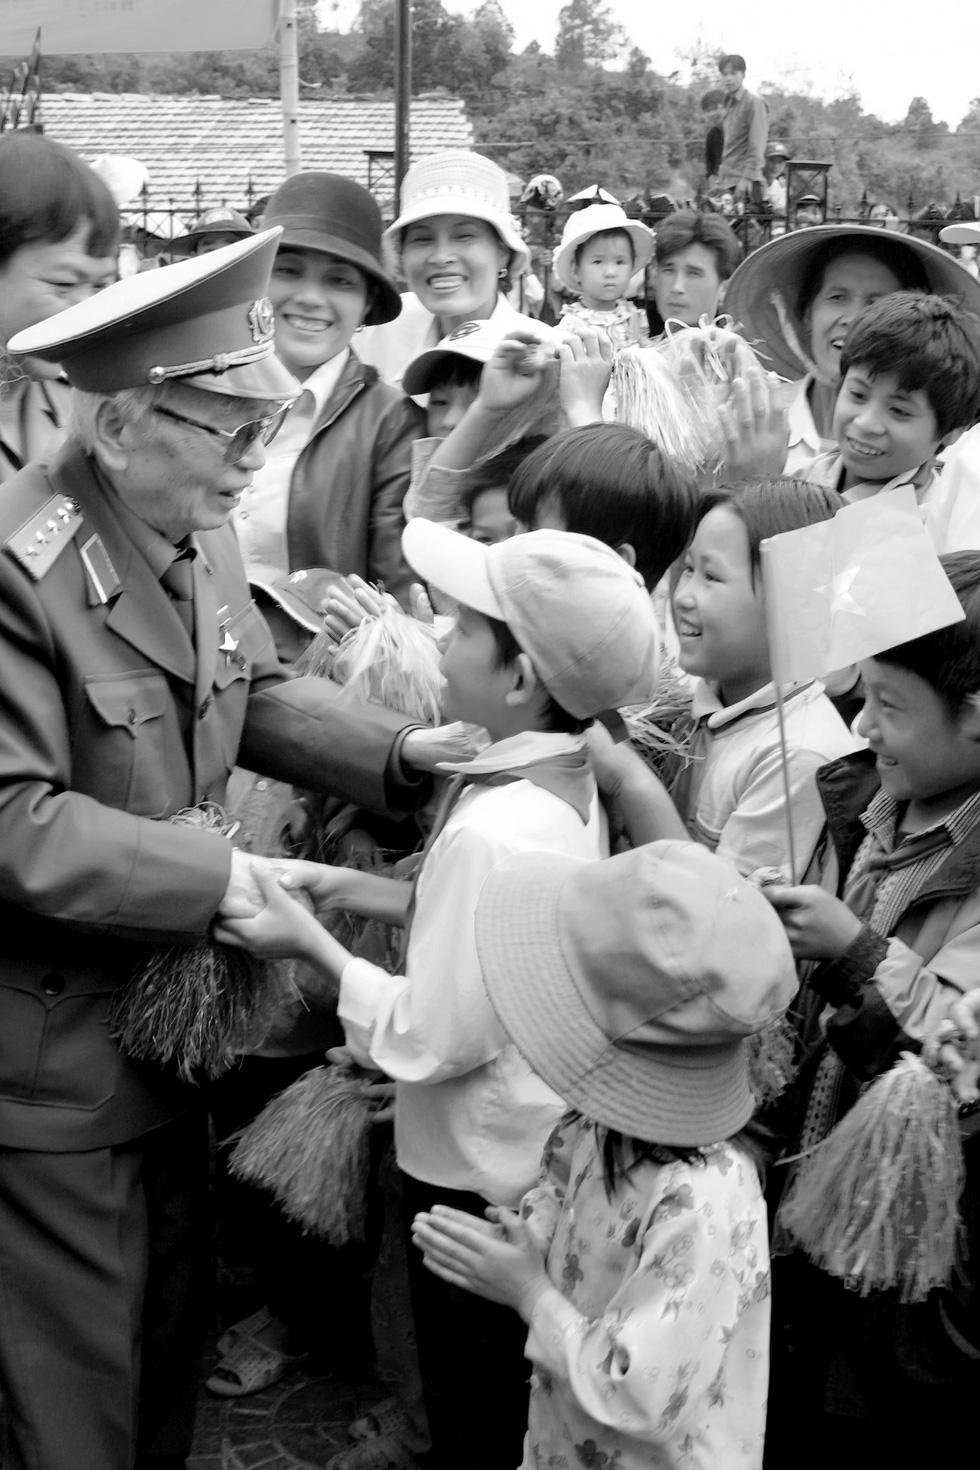 Xem những bức ảnh quý hiếm về Đại tướng Võ Nguyên Giáp - Ảnh 22.